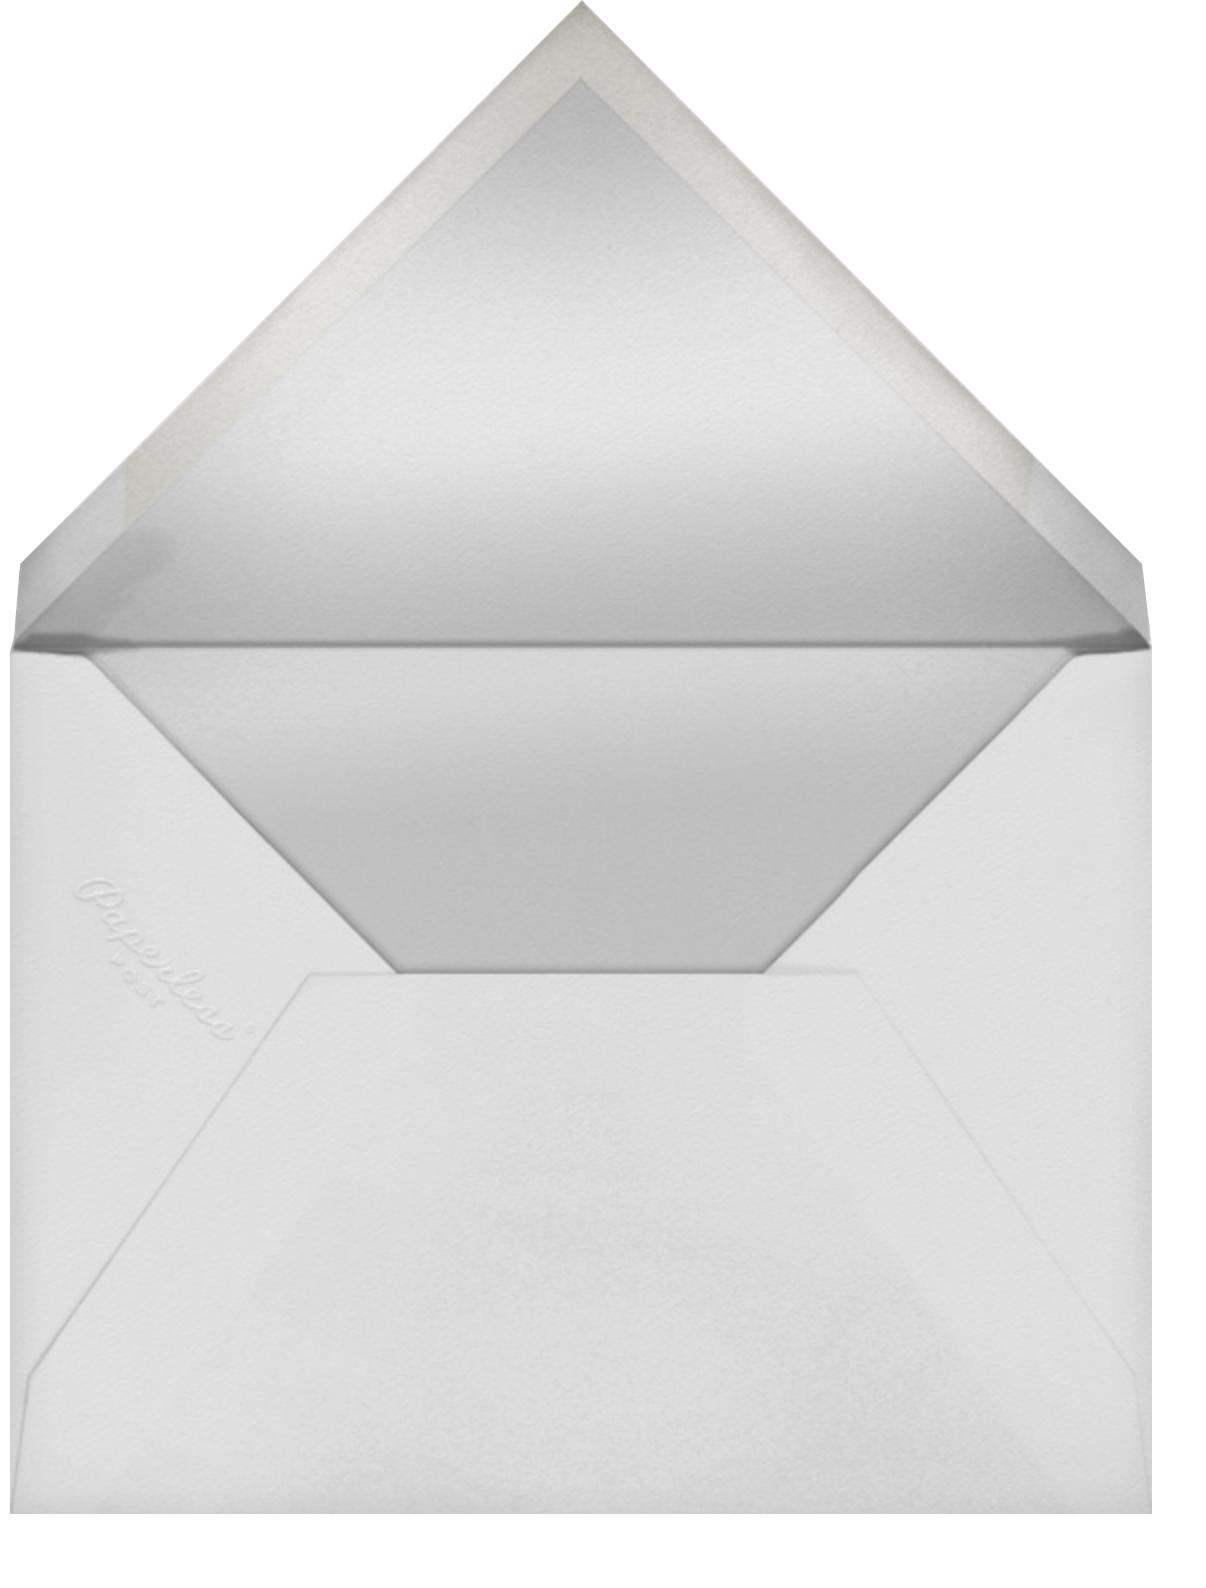 Birch Monarch Suite (Program) - Rifle Paper Co. - Menus and programs - envelope back